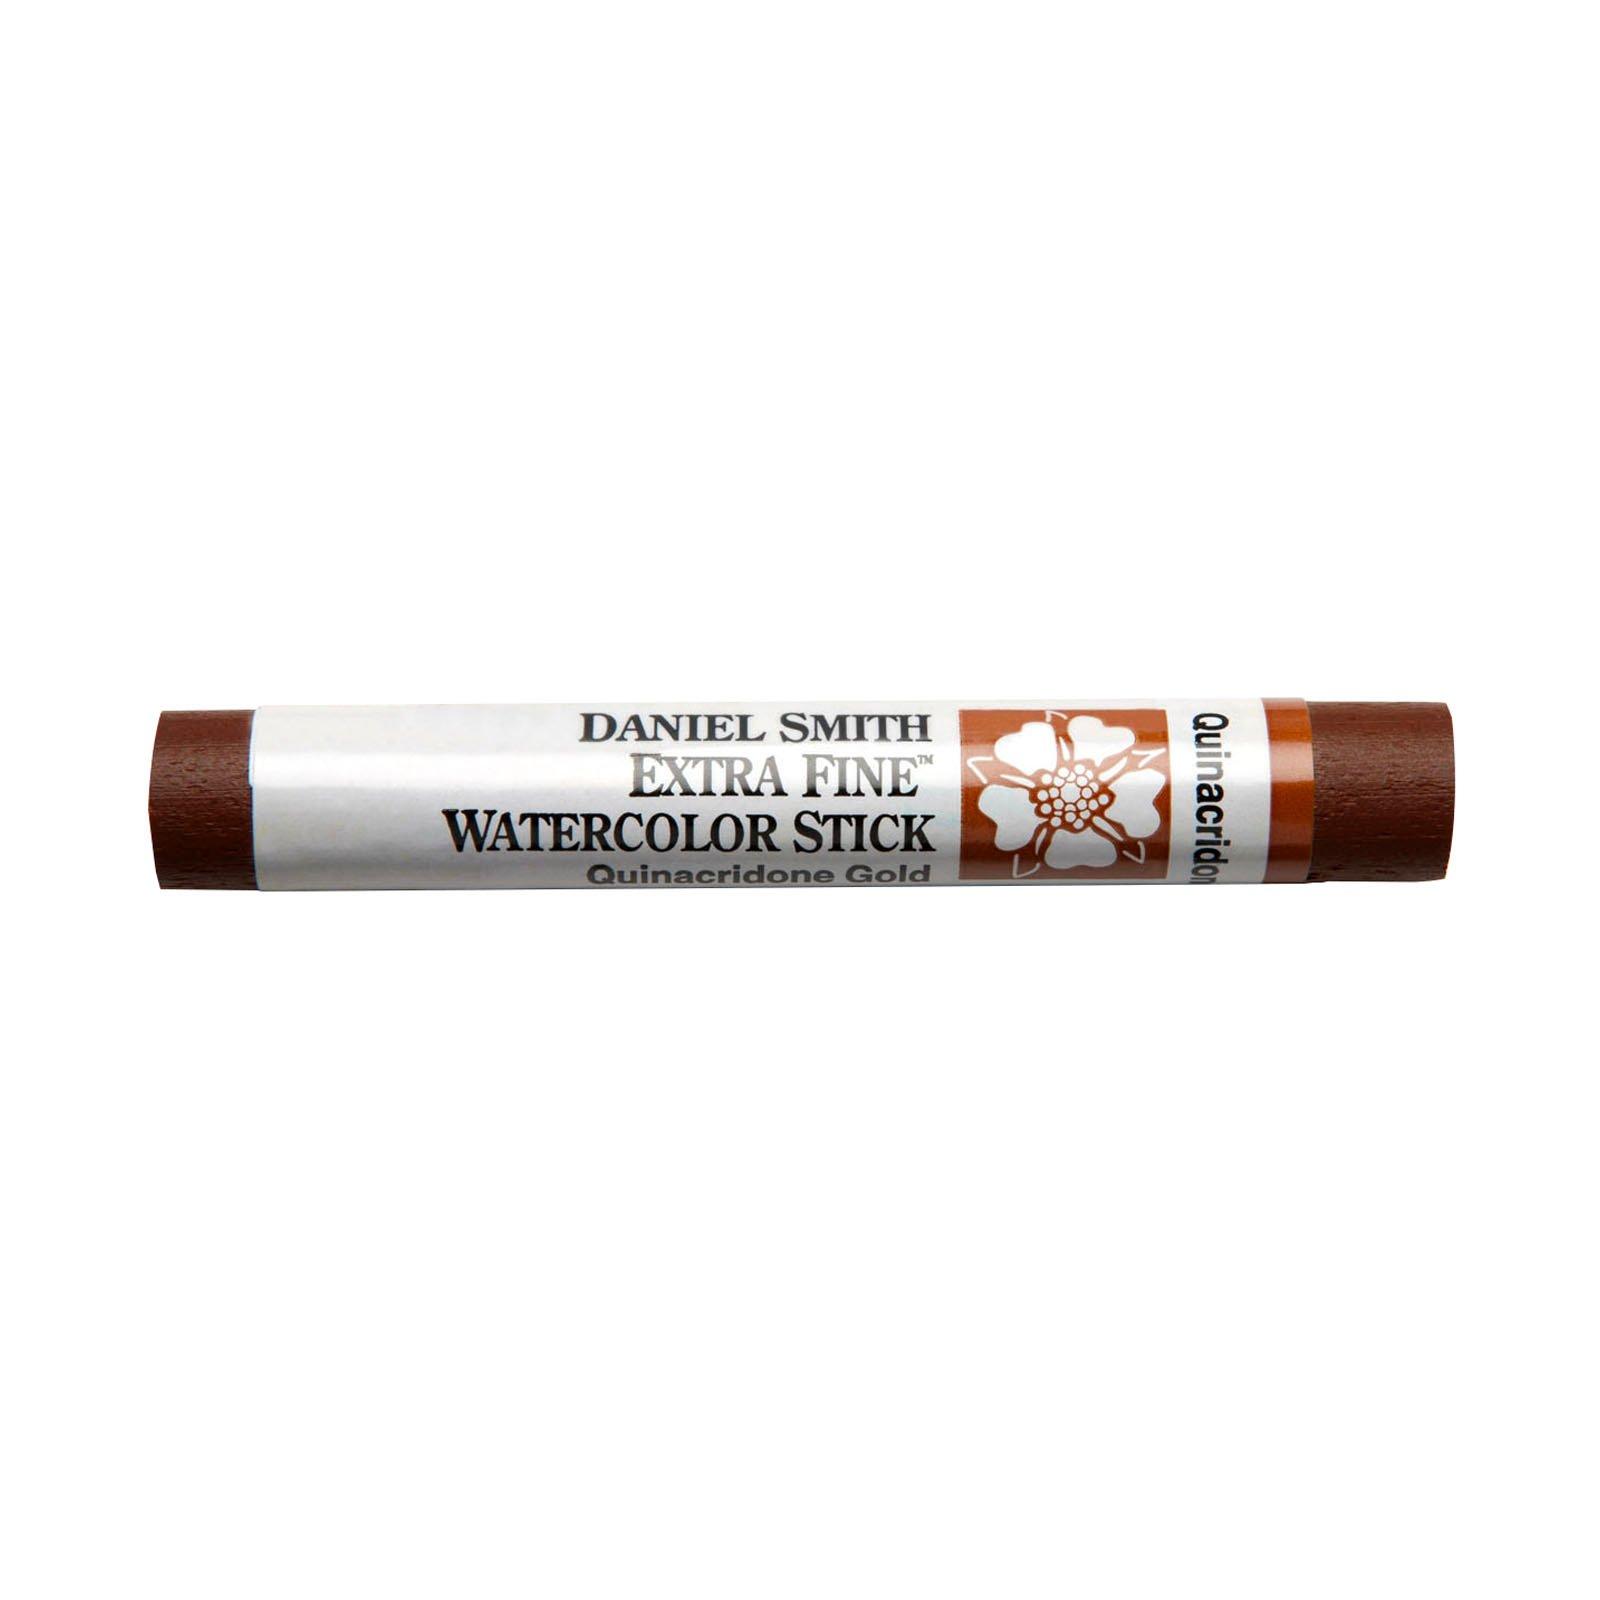 Extra-Fine Watercolor Sticks, Quinacridone Gold - 12ml Stick